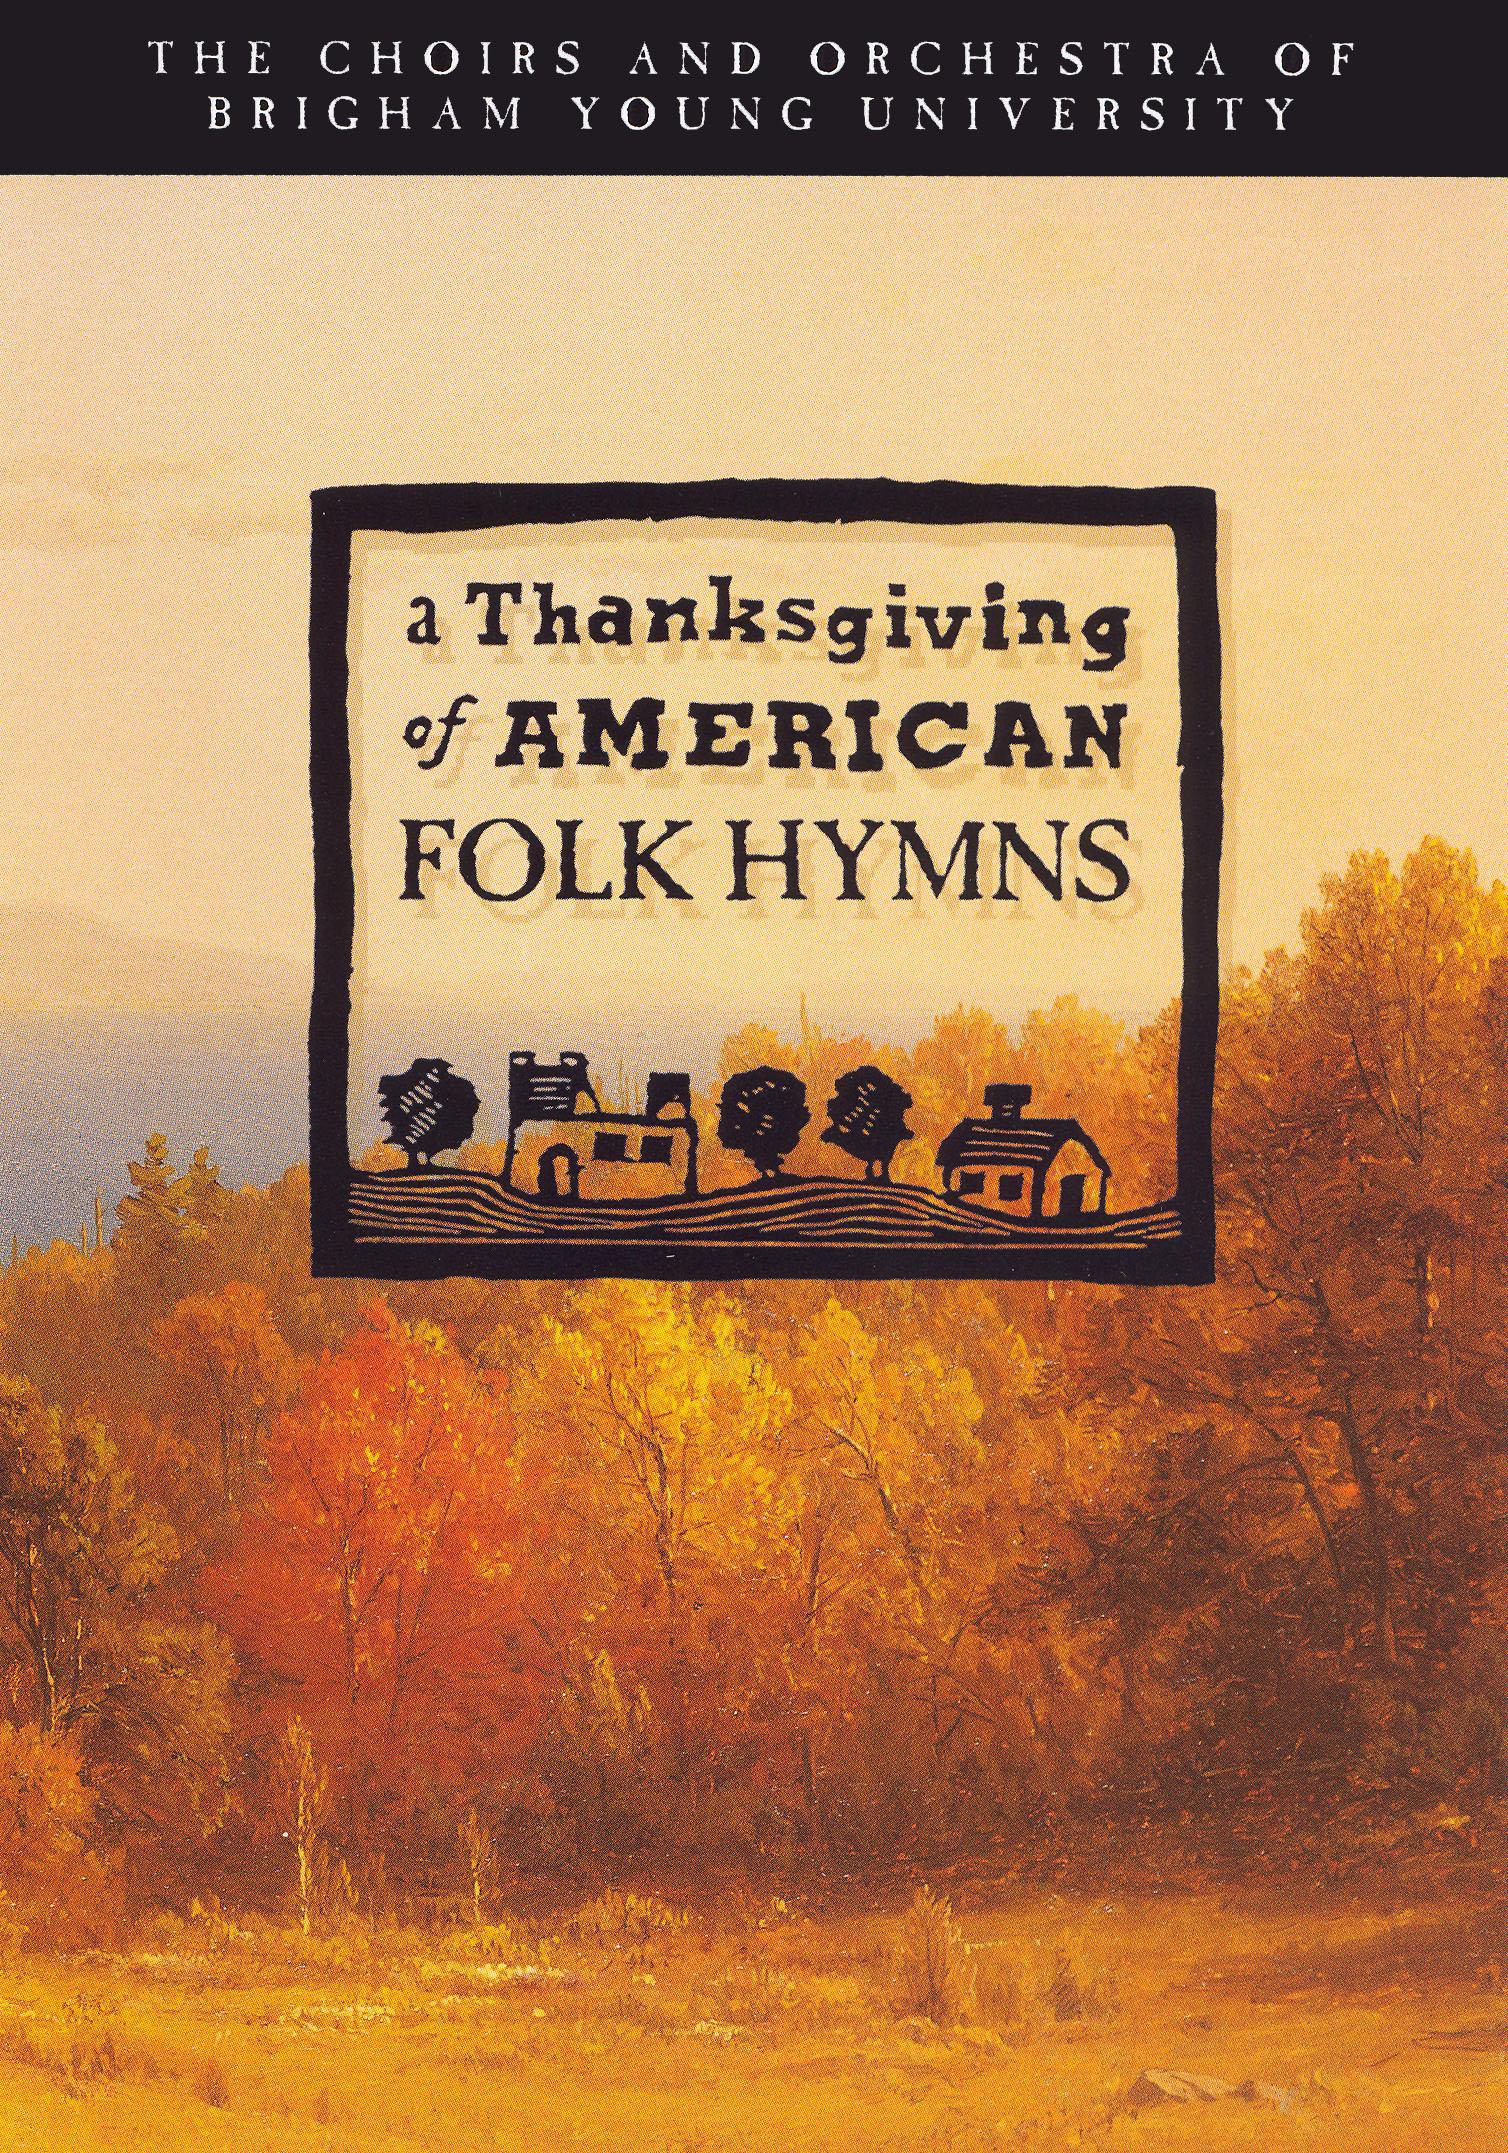 BYU Choirs: Thanksgiving of American Folk Hymns